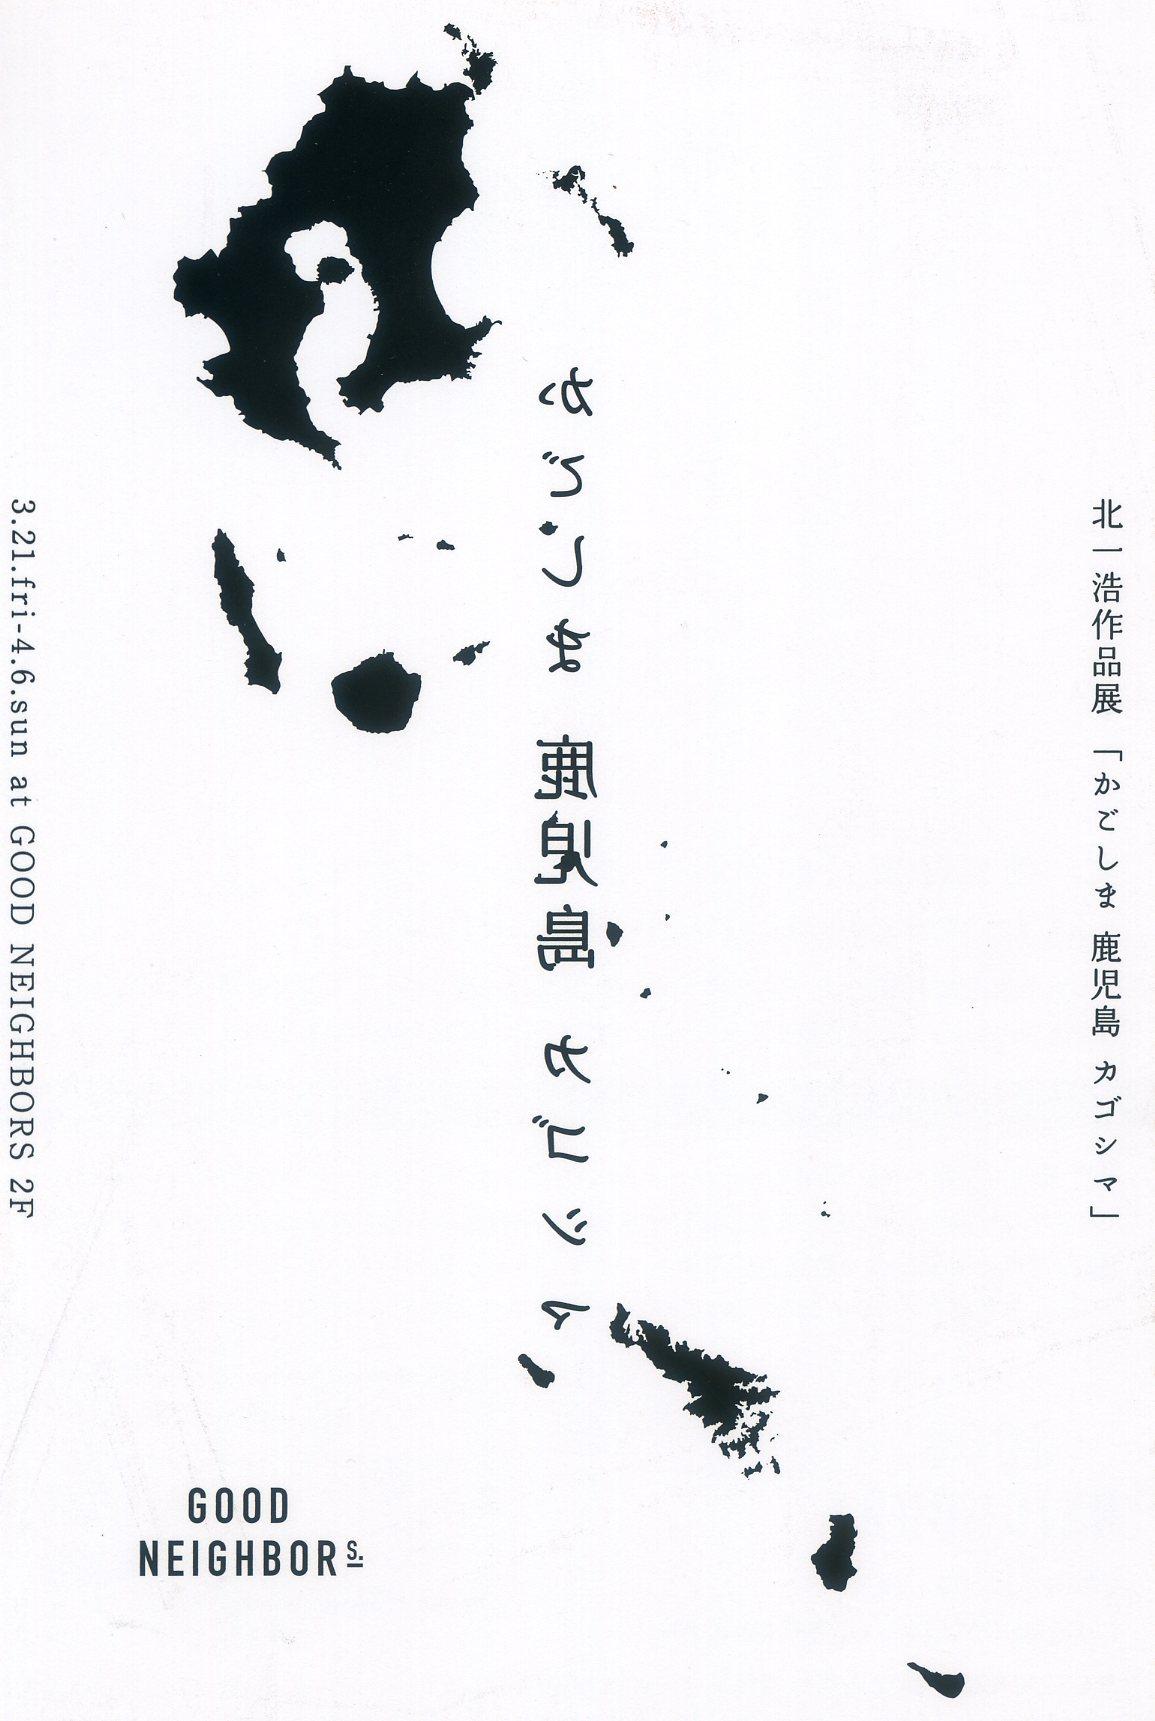 北一浩作品展「かごしま 鹿児島 カゴシマ」 | NPO法人 PandA